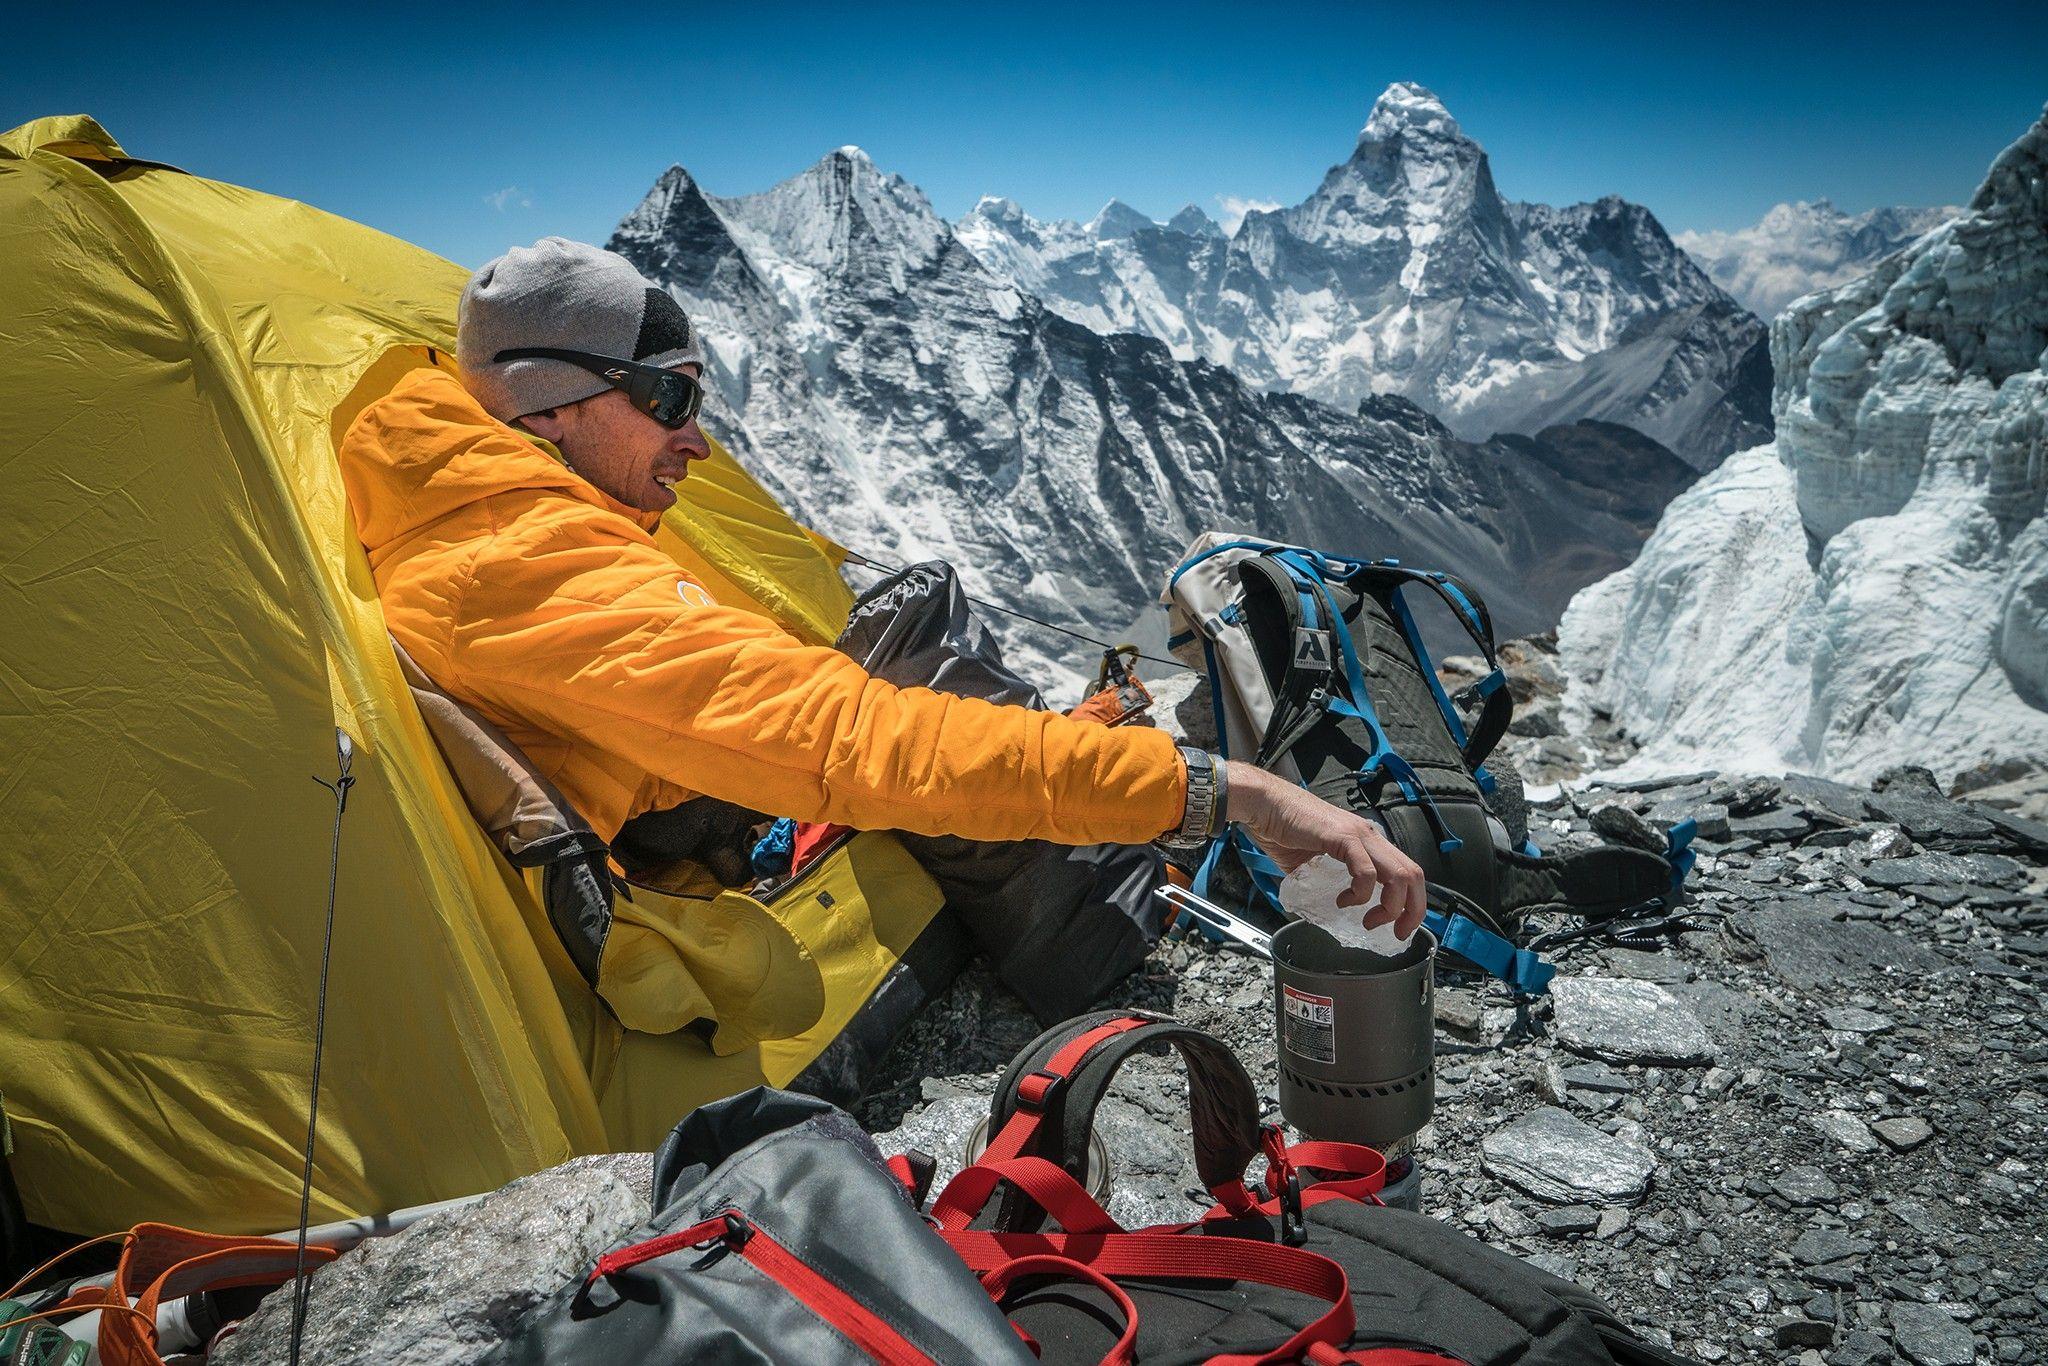 Tras encumbrar el Everest, este explorador volvió a casa